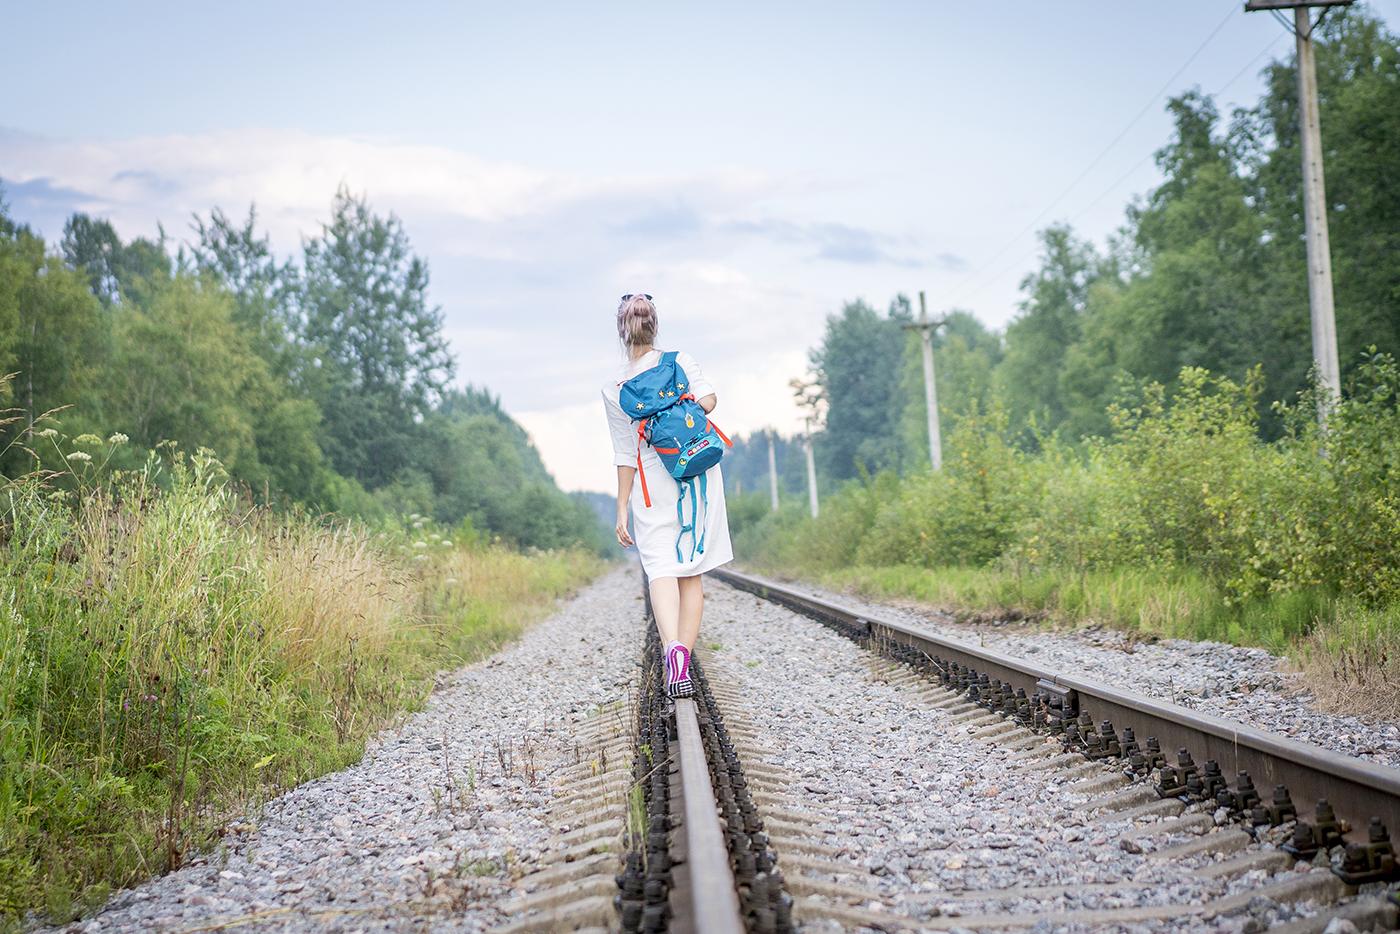 annamidday, travel blogger, русский блогер, известный блогер, топовый блогер, russian bloger, top russian blogger, russian travel blogger, российский блогер, ТОП блогер, популярный блогер, трэвэл блогер, путешественник, достопримечательности финляндии, финляндия, новый год 2018 в финляндии, куда поехать на праздники 2017, фото финляндии, лааву, laavu, финляндия полезные советы, куда поехать в финляндии, что посетить в финляндии, в финляндию на велосипедах, министерство туризма финляндии, фитнес, фитнес блогер, фитнес блог, fitness, fitness blogger, спортивный блогер, fitness vacation, лучший блогер россии, best russian blogger, top blogger, russian bloggers, аннамиддэй, fitness girl, famous russian bloggers, fitness model, best blogger, анна мидэй, в финляндию на машине, в финляндию на автомобиле, граница финляндии и россии, коттеджные дома в Финляндии, рыбалка в Финляндии, лето в финляндии, в палатках в финляндии, паромы Viking lIne, Viking Line Gabriella, на пароме из Хельсинки, паромы между Хельсинки и Стокгольмом, обои на рабочий стол, блог о путешествиях, куда поехать в финляндии, что посетить в финляндии, котка, хамина, регион котка-хамина, коувола, регион коувола, sirius sport resort, полет в аэротрубе, серфинг в помещении, vimpa islands, rakinkotka водный парк Сапокка, речной парк Йокипуисто, Екатерининский морской парк, аллея скульптур Котка, Kotka, Kotka-Hamina, Kouvola, Finland must see, Pertti Illi, Varissaari, остров Вариссаари, эко-деревня в Ракинкотка, Tykkimaen Sauna, сапбординг в ФИнляндии, TykkiMaki, парк аттракционов финляндия, парк реповеси, Repovesi, лисья тропа, Орилампи, Orilampi, арбалетум мустила, дендрарий мустила, Original Sokos Hotel Vaakunaa